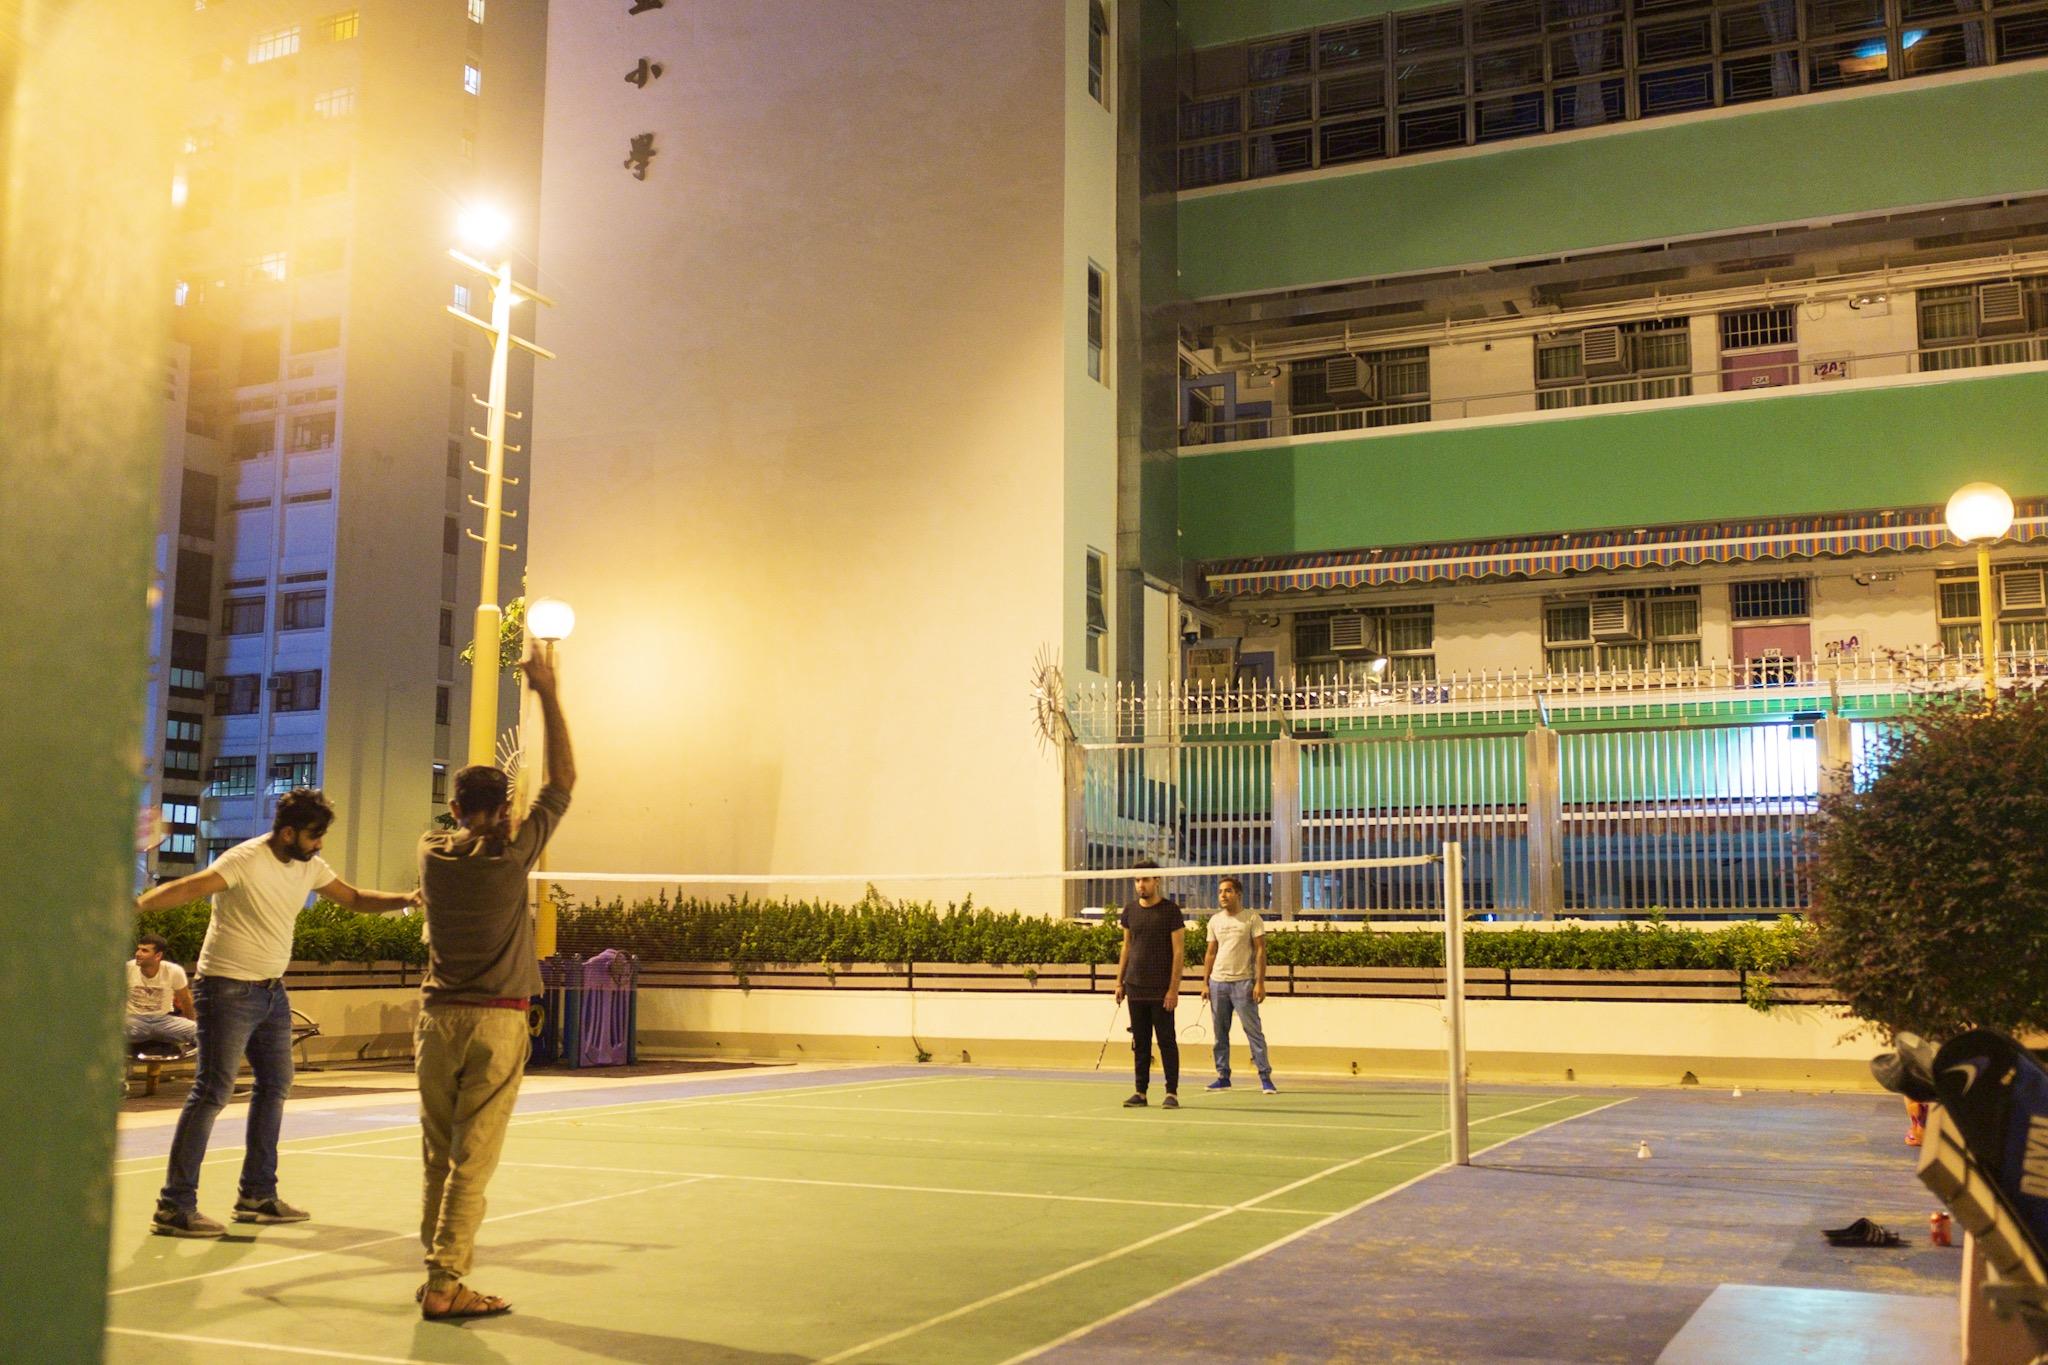 夜晚的羽毛球